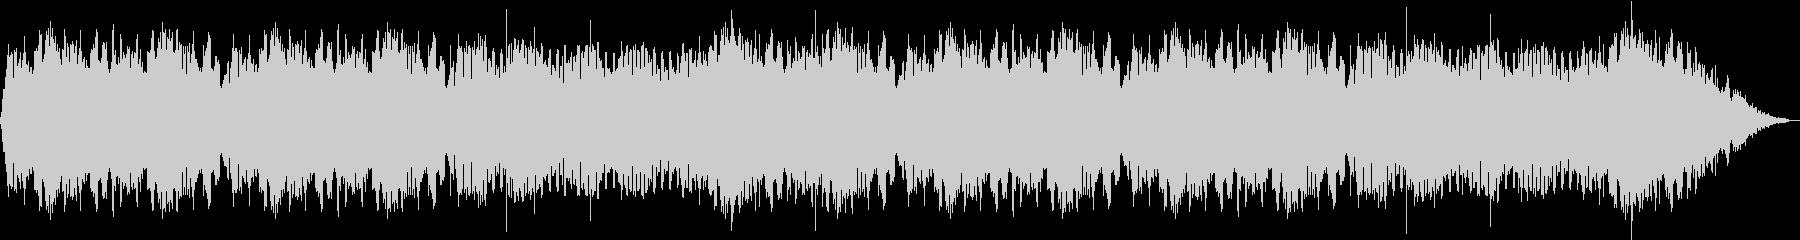 ノスタルジックな444Hzの安らぎ音楽の未再生の波形